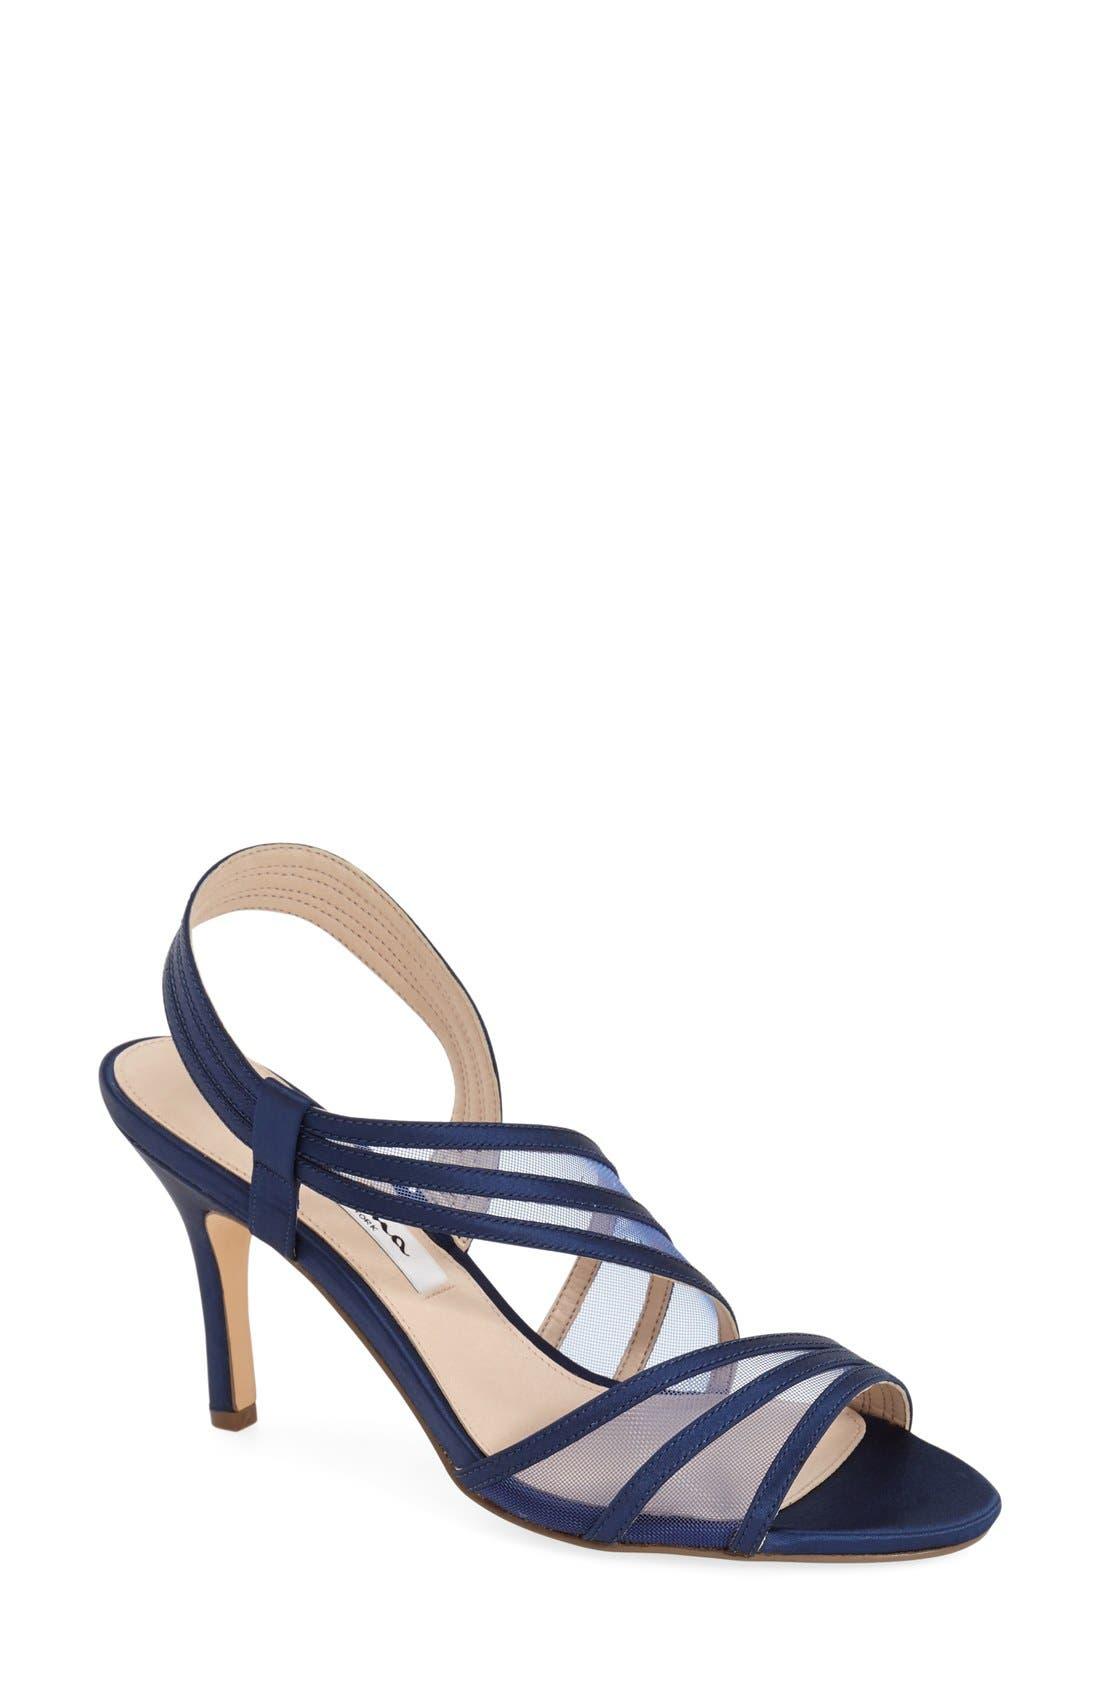 'Vitalia' Sandal,                         Main,                         color,